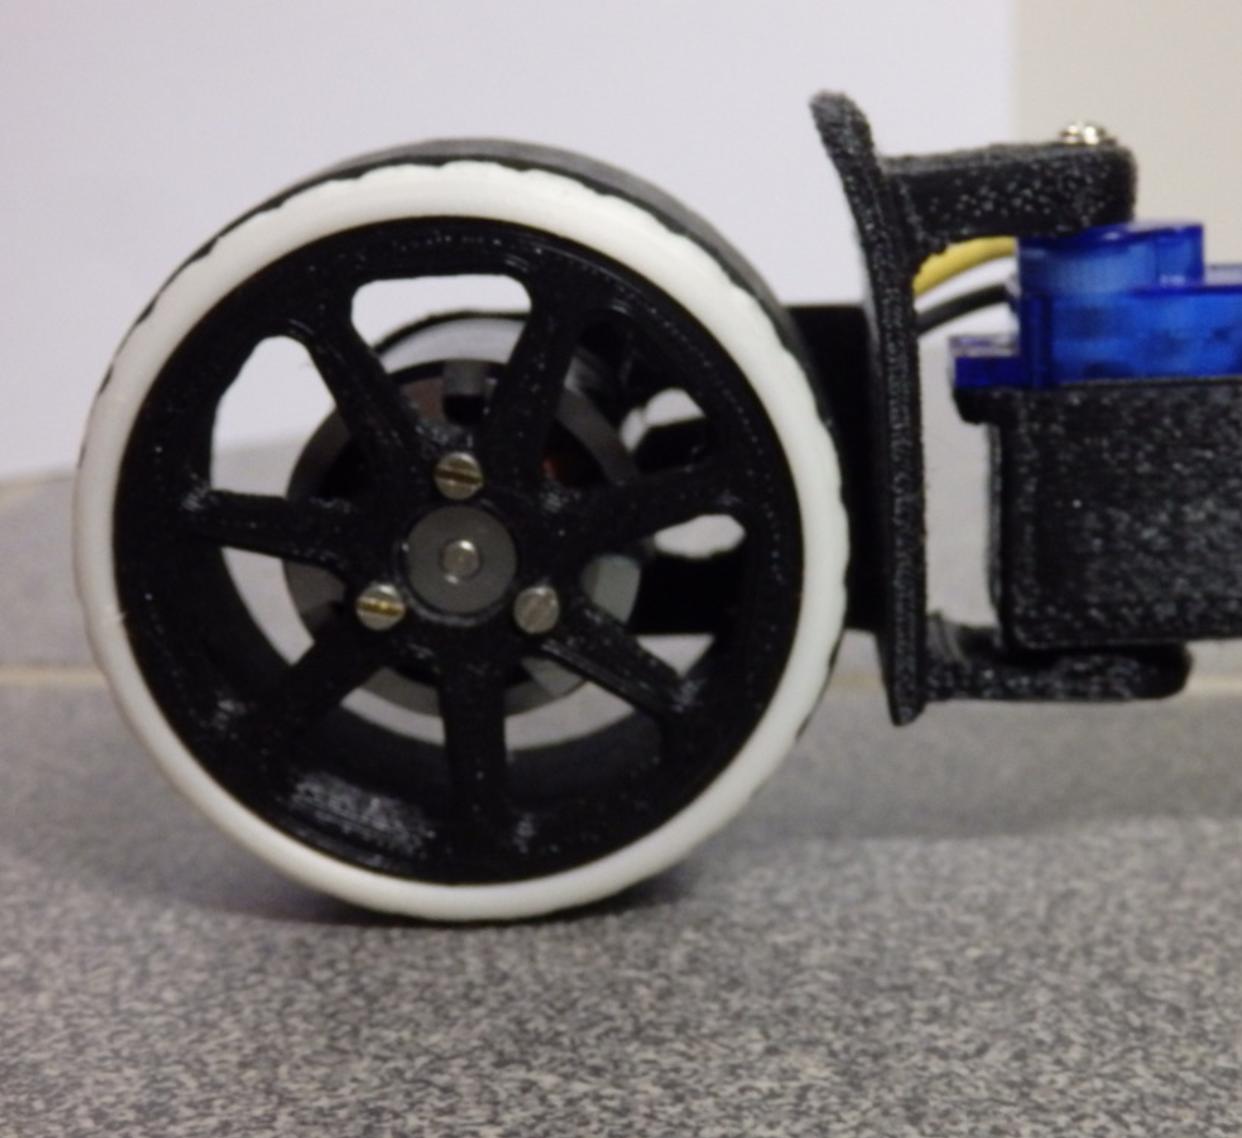 Capture d'écran 2017-10-23 à 14.47.23.png Download free STL file 3 RC wheels • 3D printing template, Boxplyer